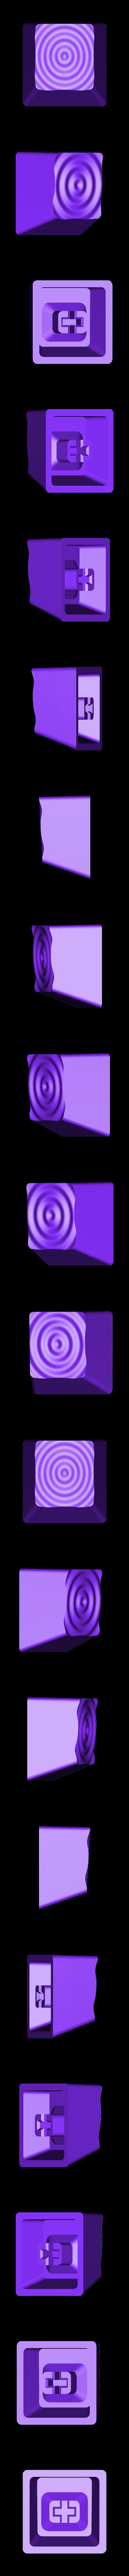 wavy_key.stl Télécharger fichier STL gratuit Capsules mathématiques • Objet à imprimer en 3D, rsheldiii